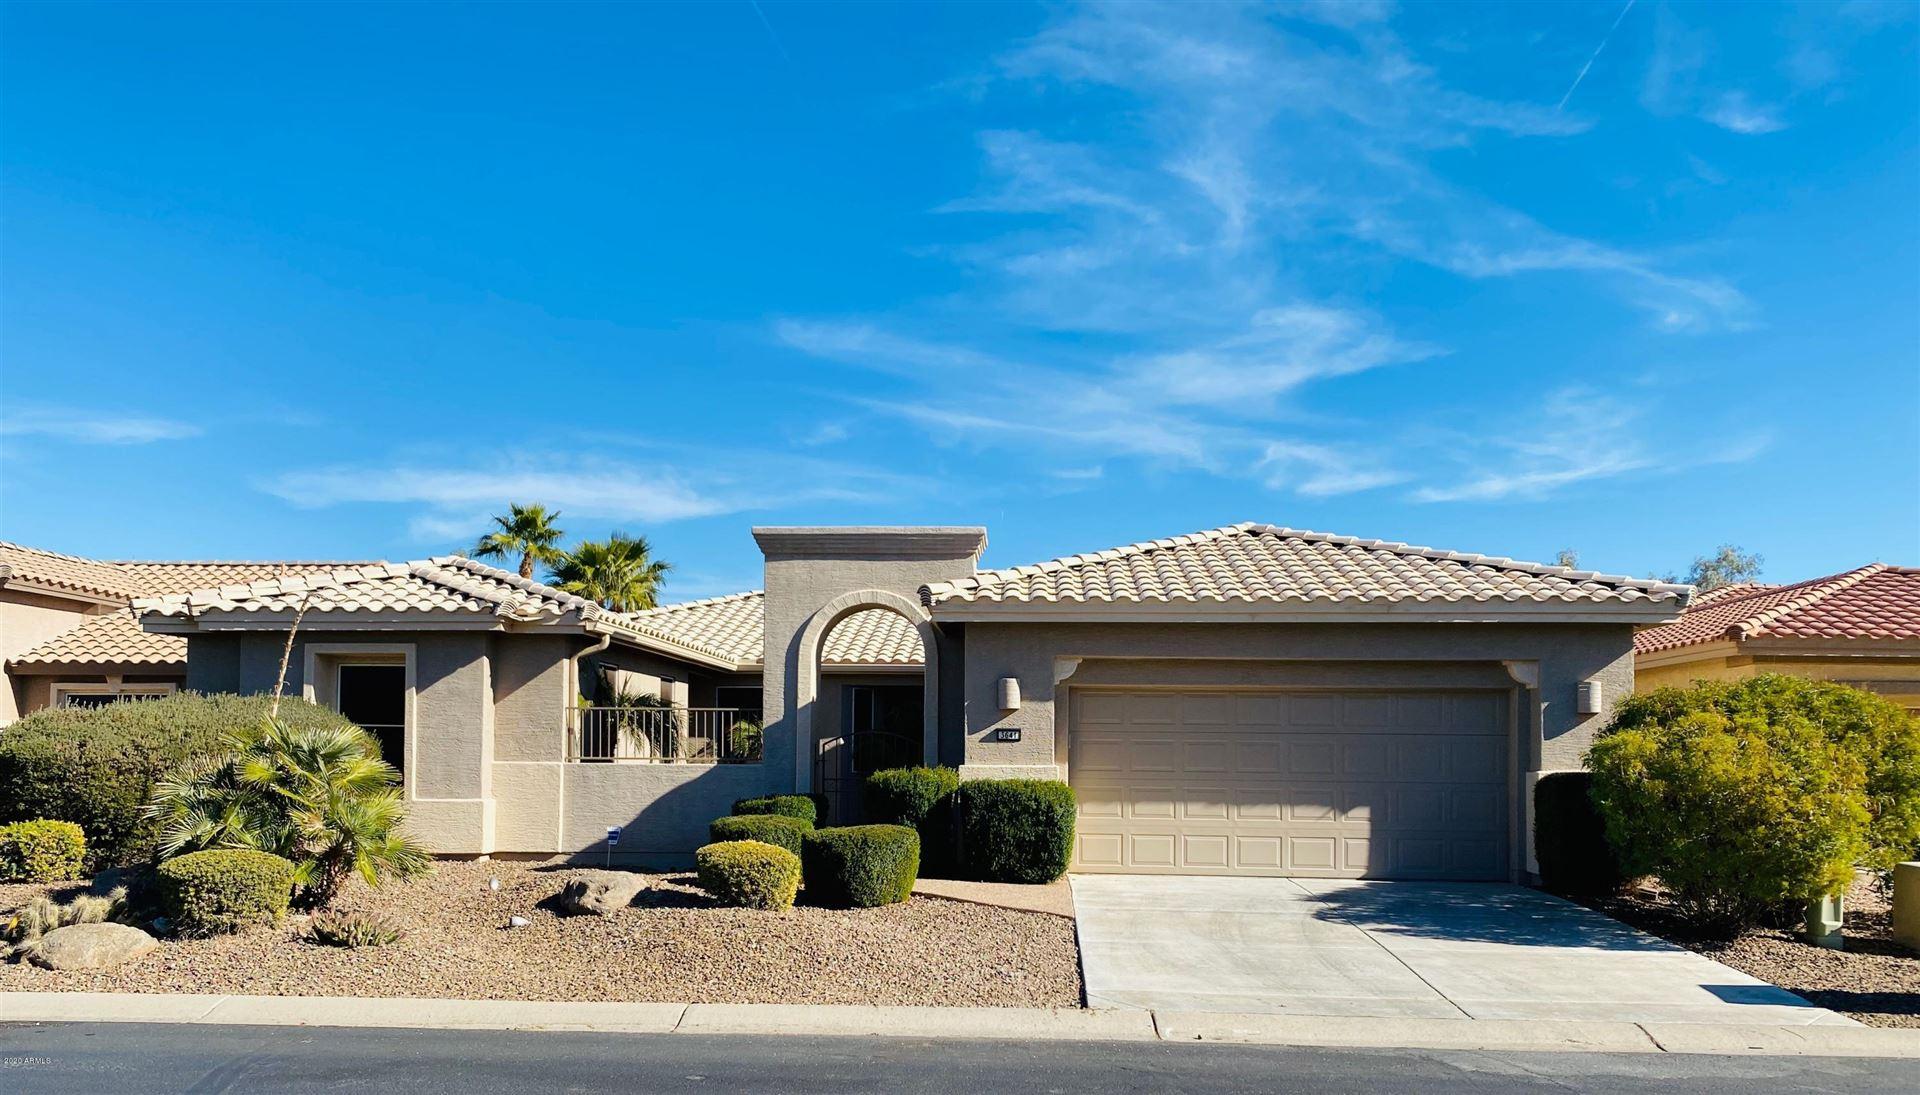 3641 N 161ST Avenue, Goodyear, AZ 85395 - #: 6027802